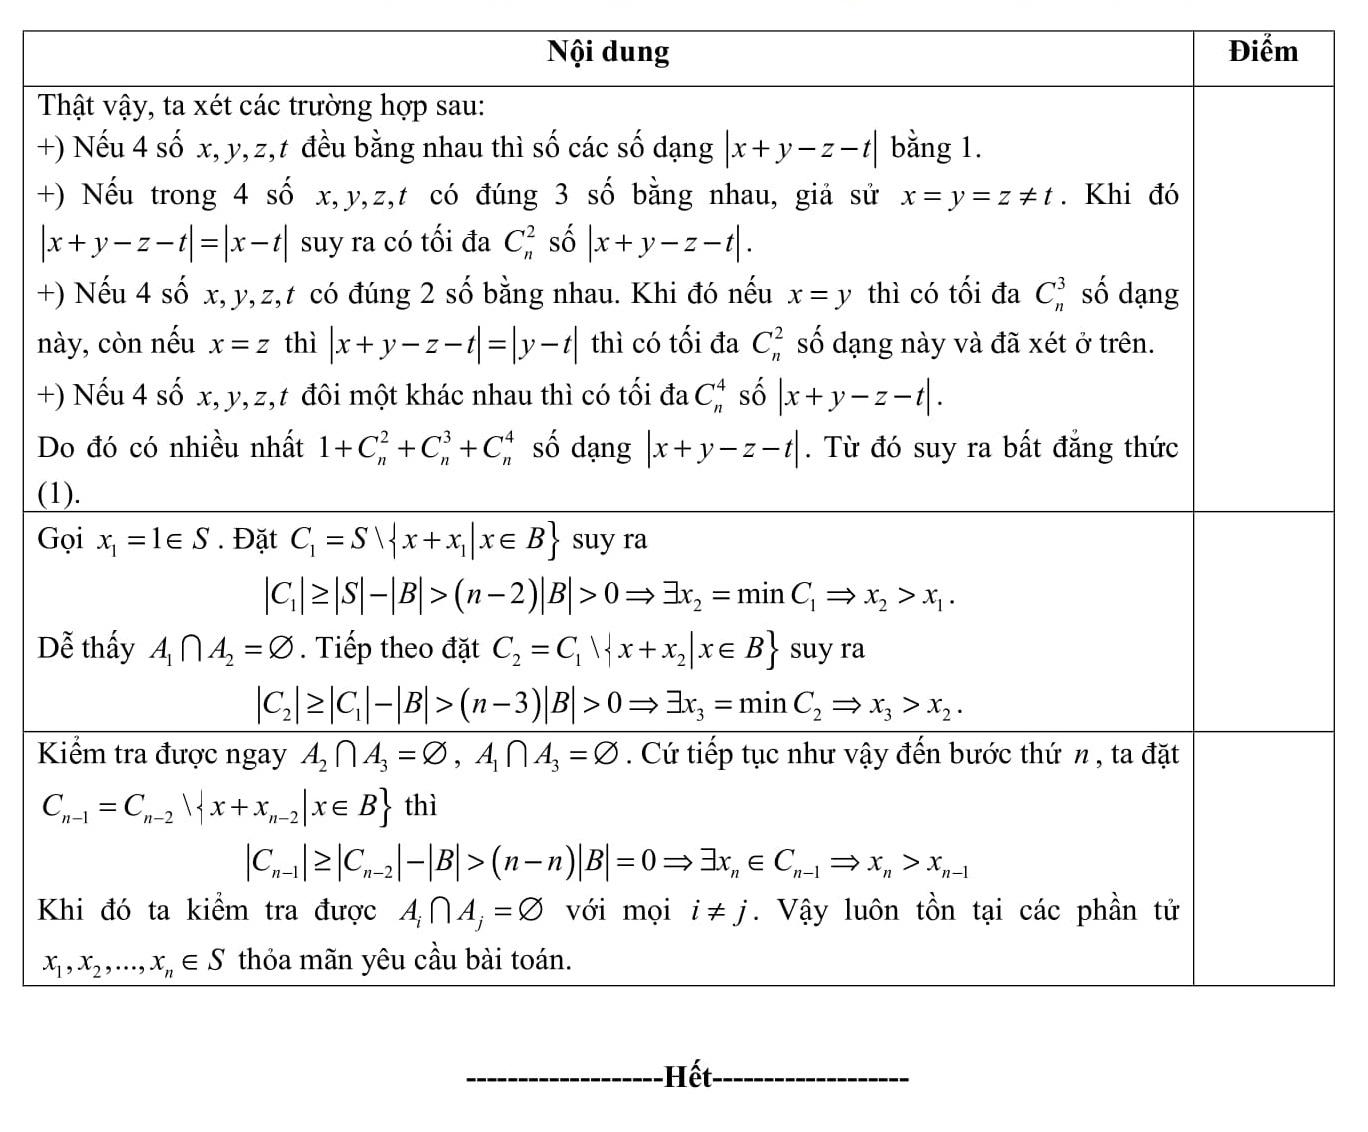 Đáp án và đề thi HSG Toán 12 sở GD&ĐT Vĩnh Phúc 2012-2013